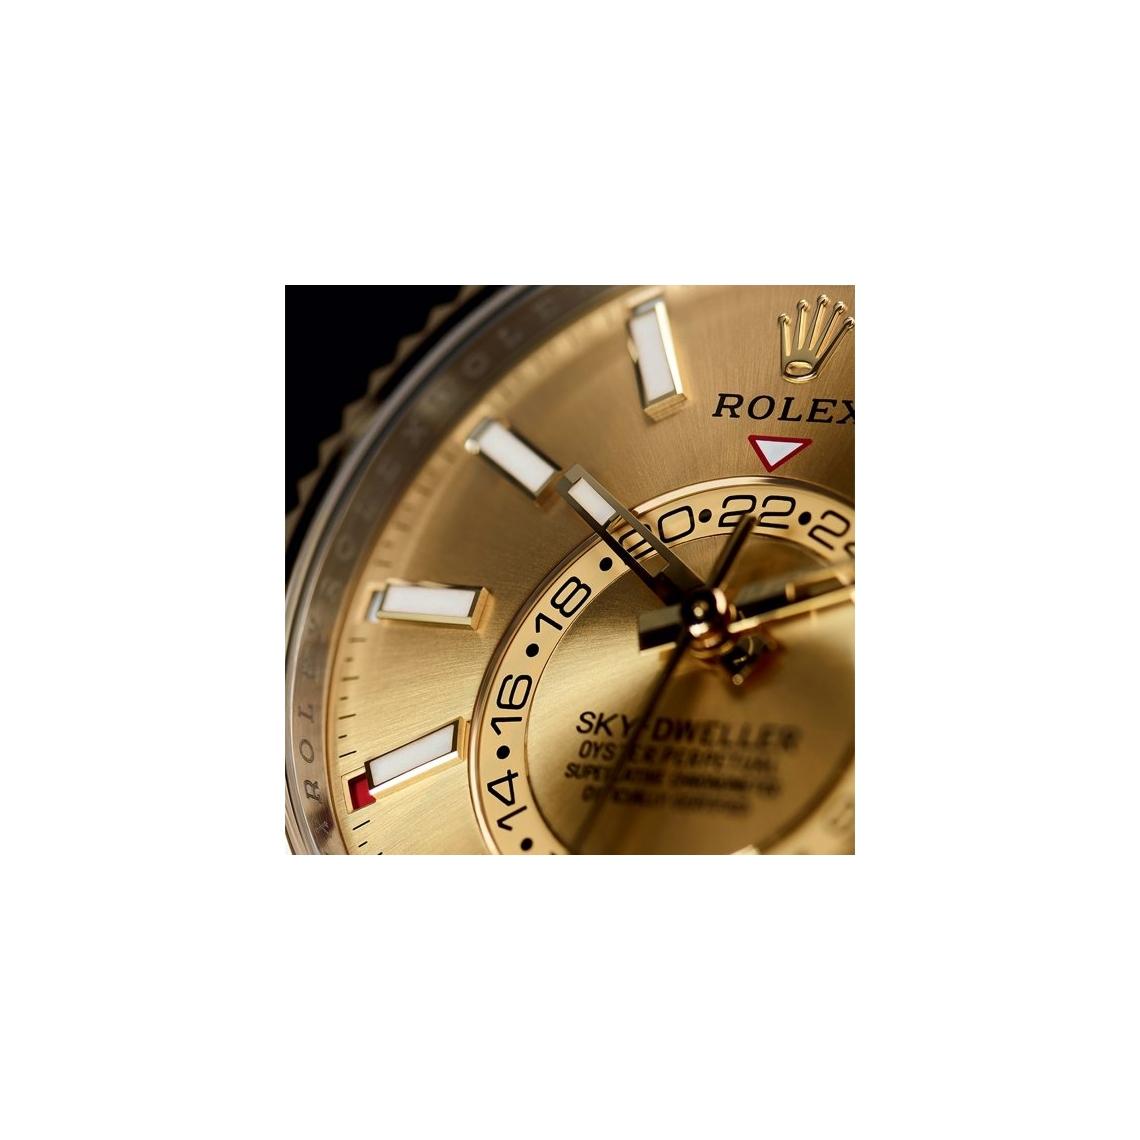 Rolex: First-class Watch